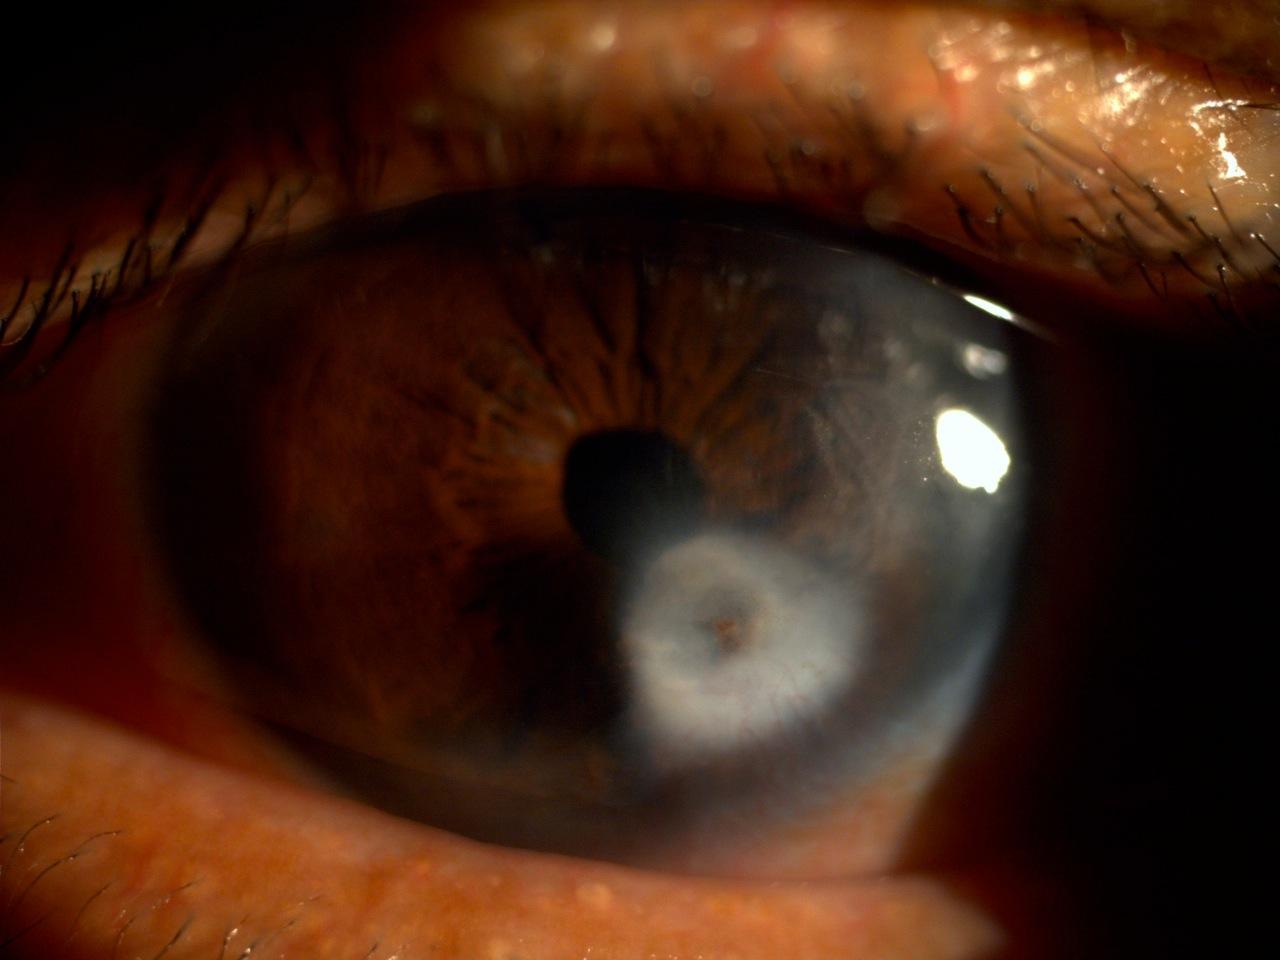 Бельмо на глазу – лейкомы глаза